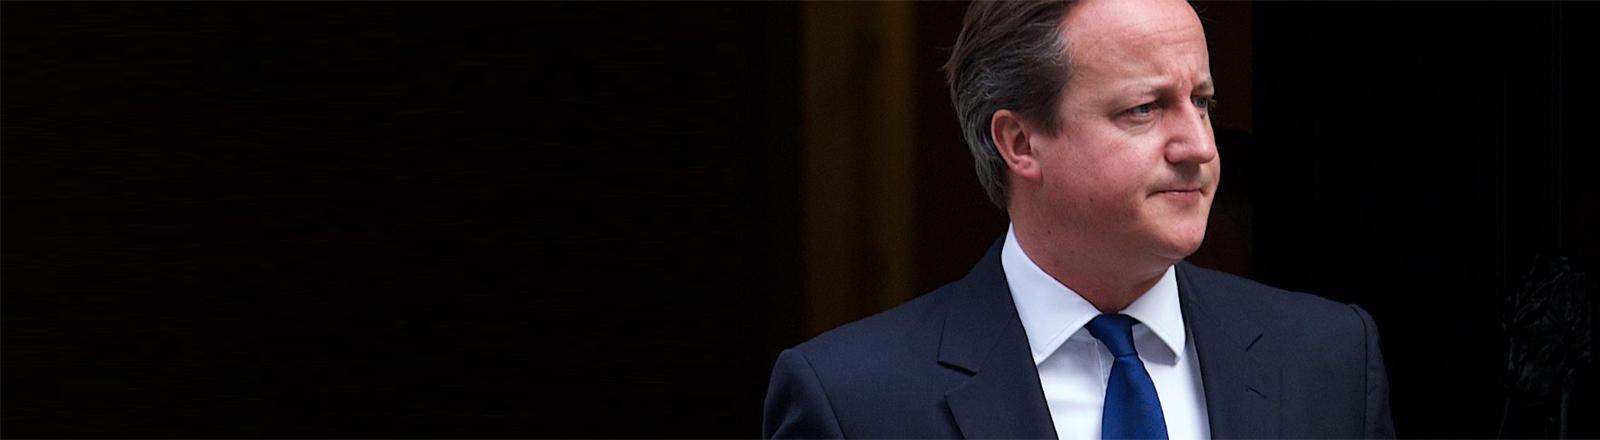 Der britische Premierminister David Cameron schaut etwas verkniffen zur Seite.